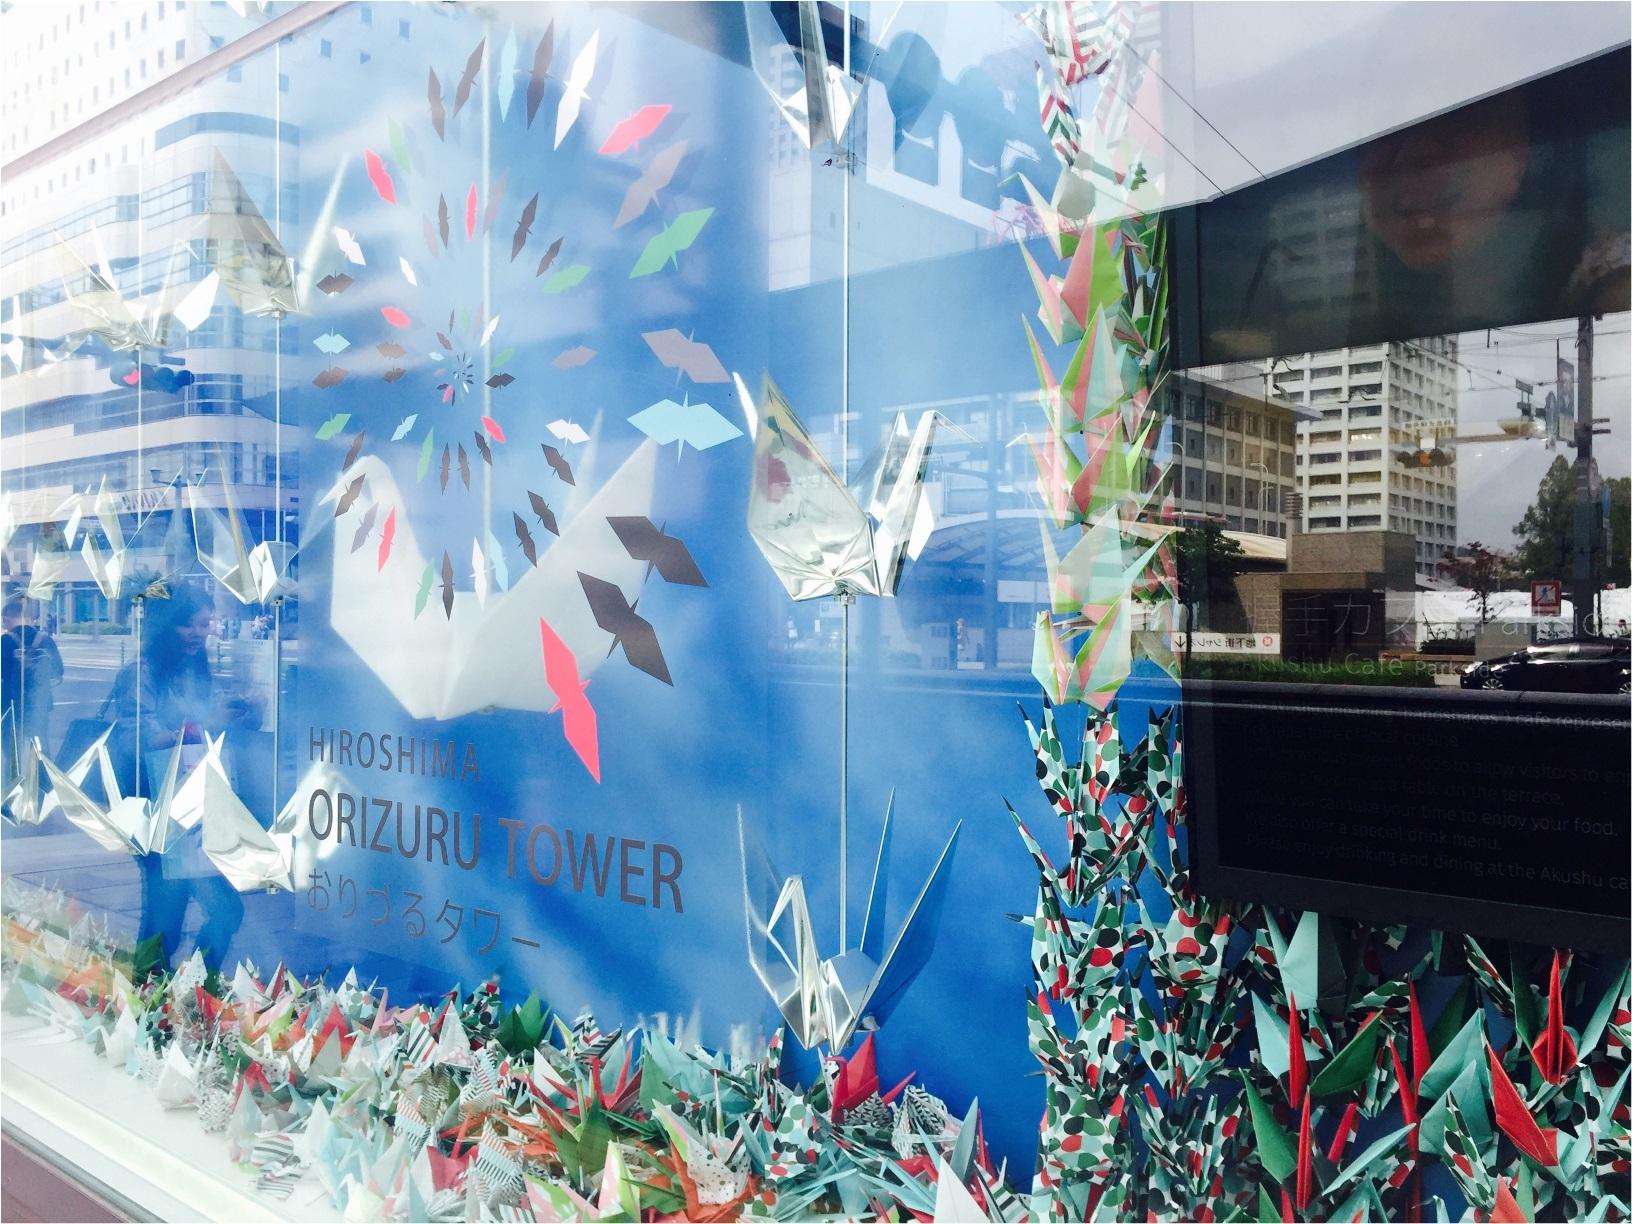 広島のおしゃれなお土産特集《2019年》- 人気の定番土産から話題のチョコ、スタバの限定タンブラーも!_61